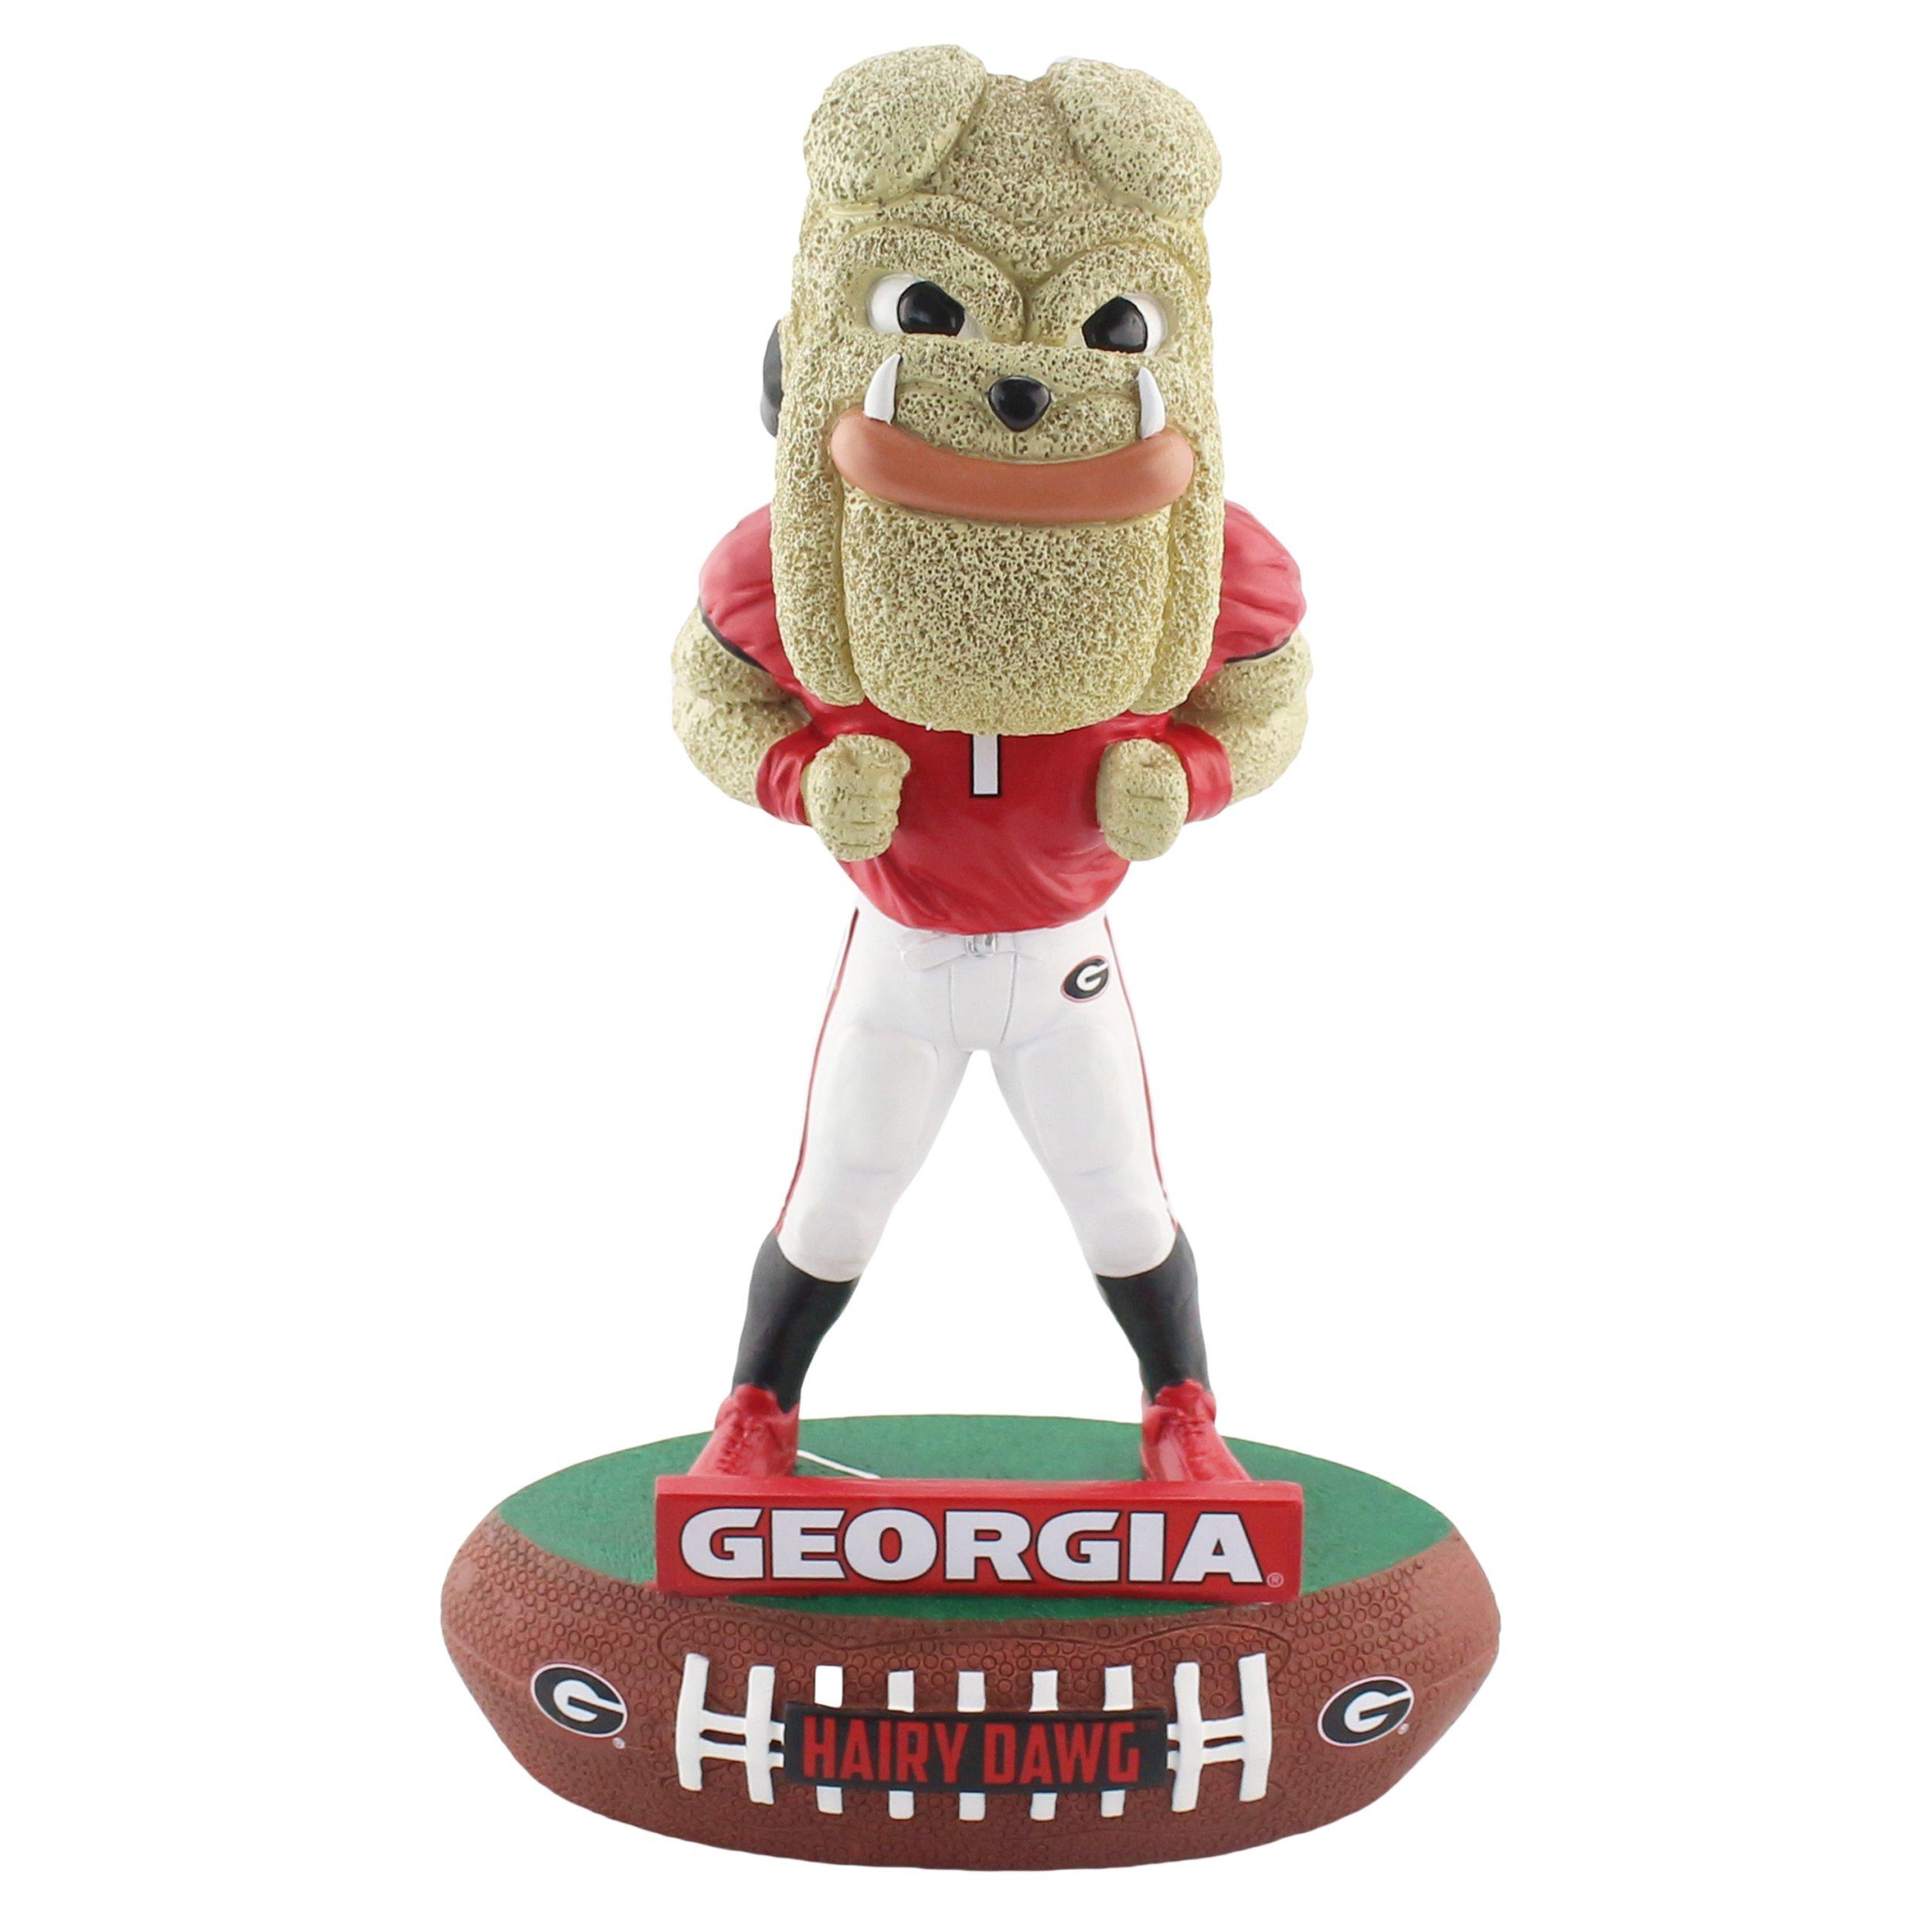 Georgia Bulldogs Mascot Georgia Bulldogs Baller Special Edition Bobblehead NCAA